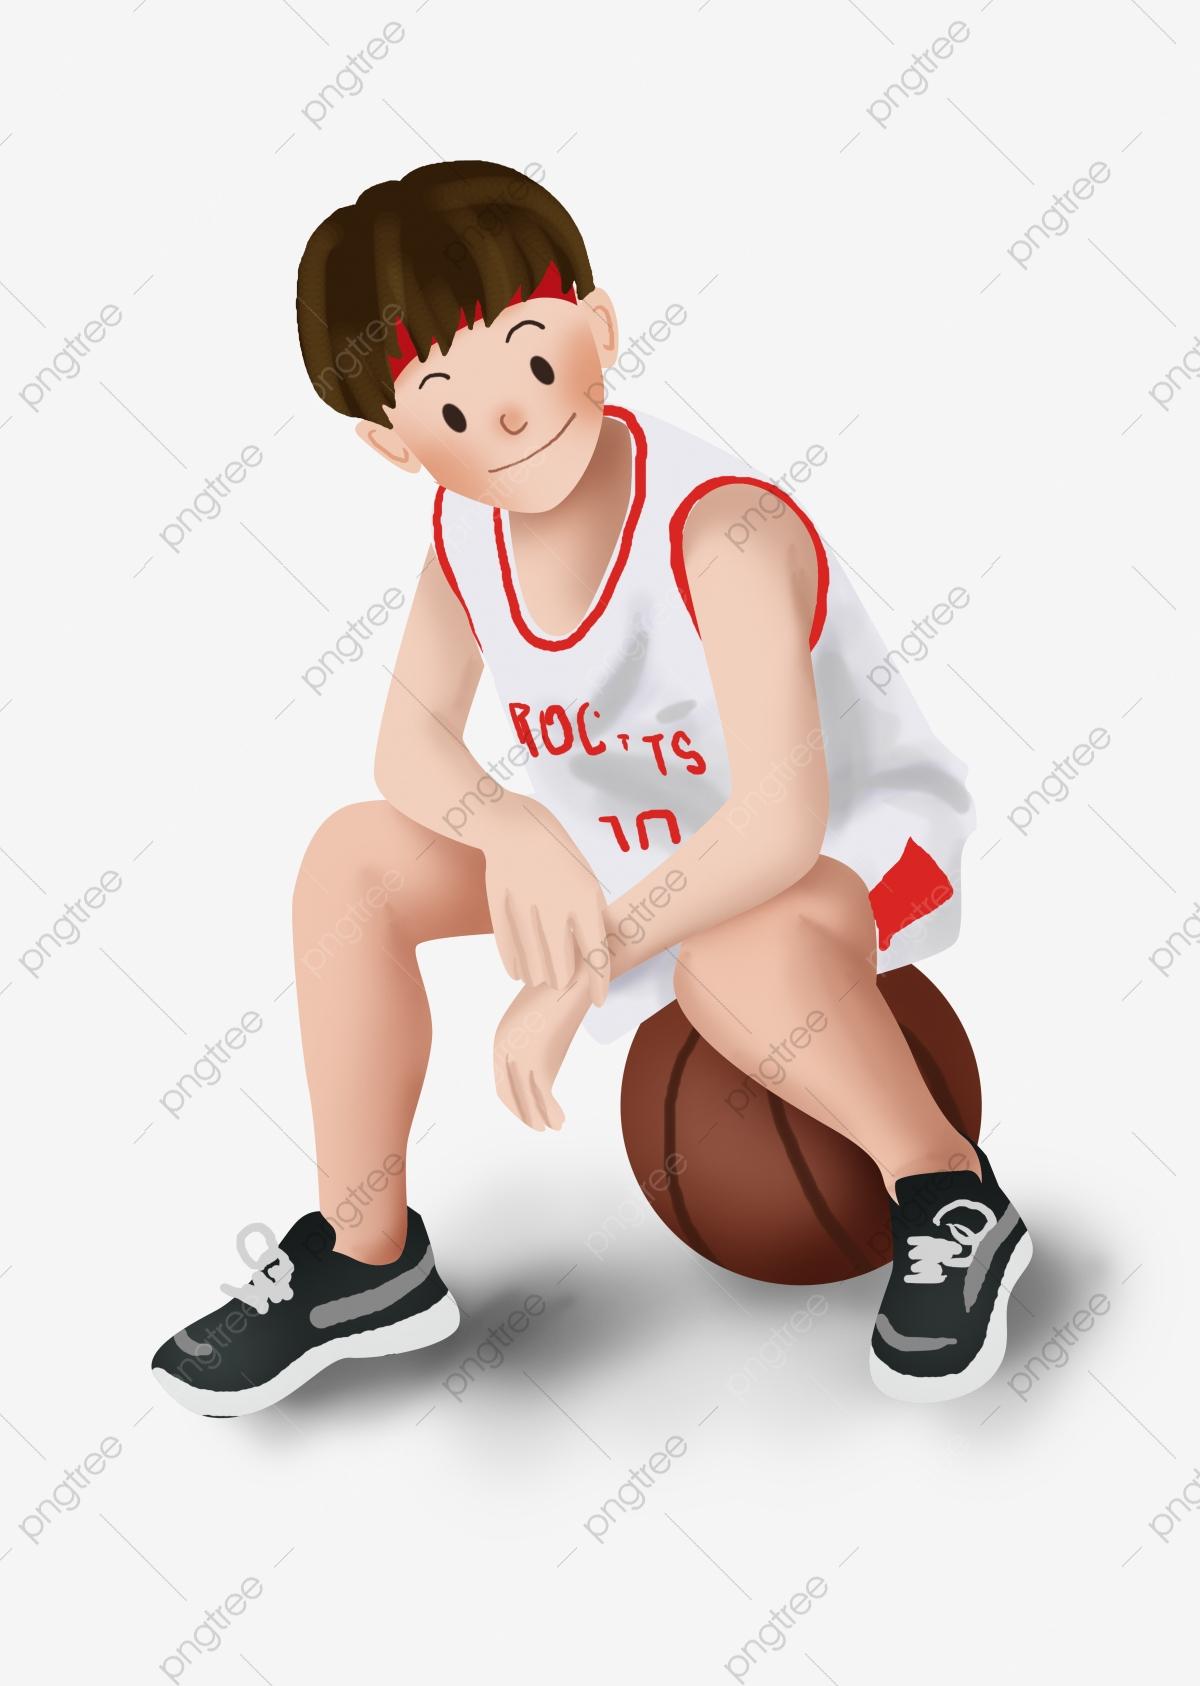 Motion Garçon Étudiant Jeux, Basket Ball, Match De Basket encequiconcerne Jeux Gratuit Pour Garçon